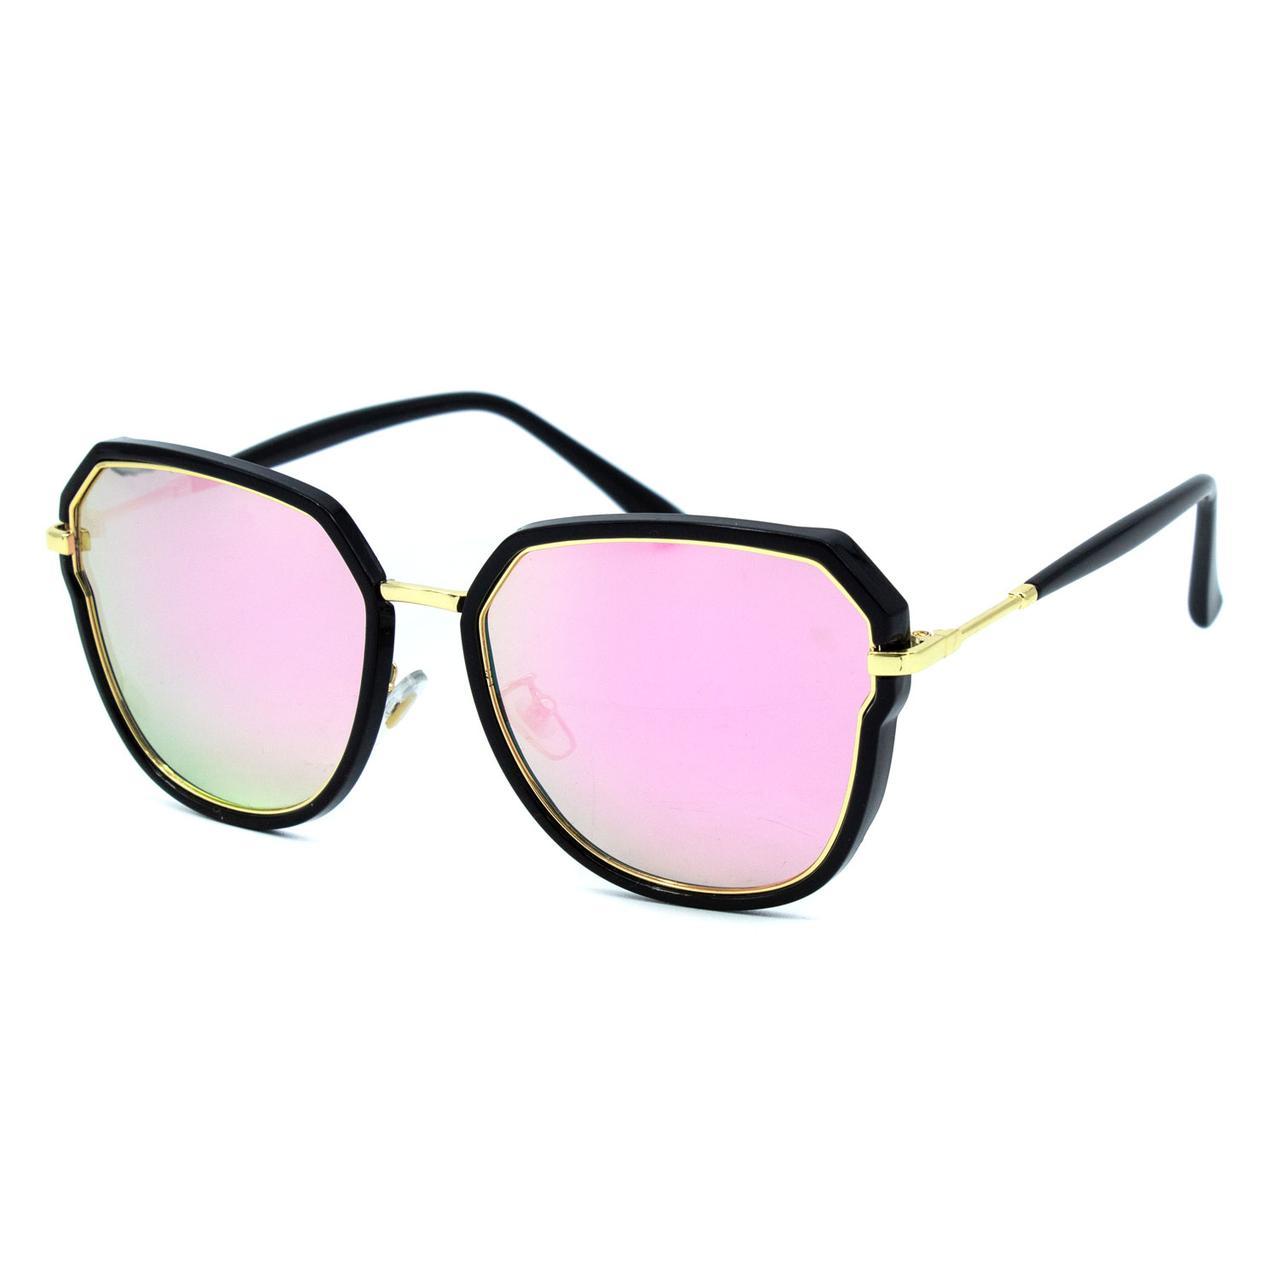 Солнцезащитные очки Marmilen Polar 3123 C4 с зеркальным покрытием    ( 3123-04 )